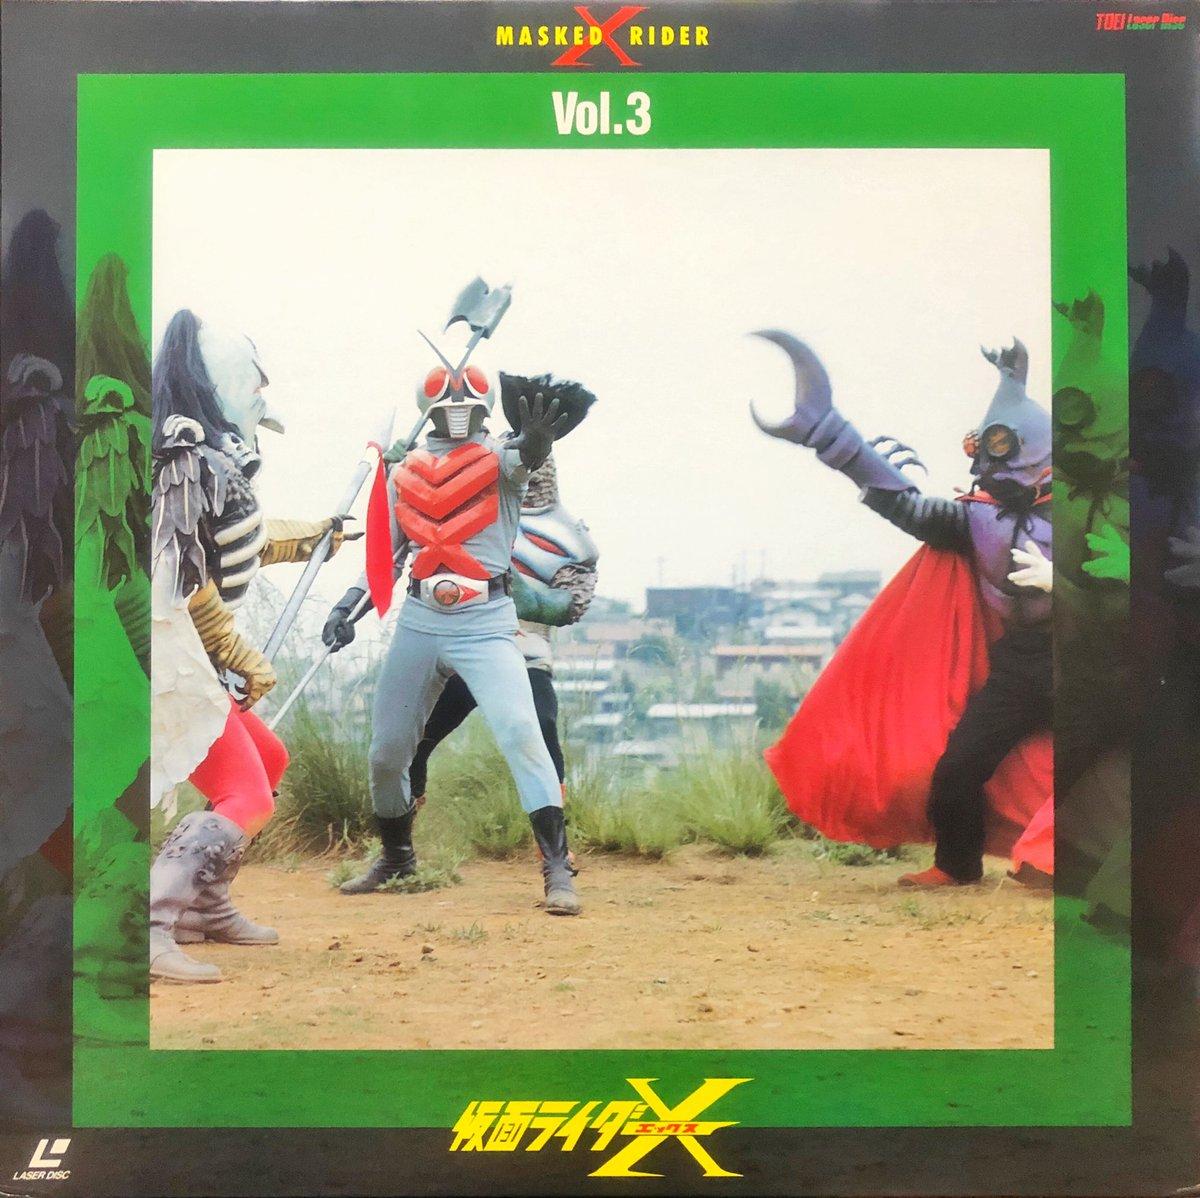 LD「仮面ライダーX Vol.3」。  悪人軍団になった。   #素晴らしきLDジャケットの世界 https://t.co/FrEMKuQ2eF